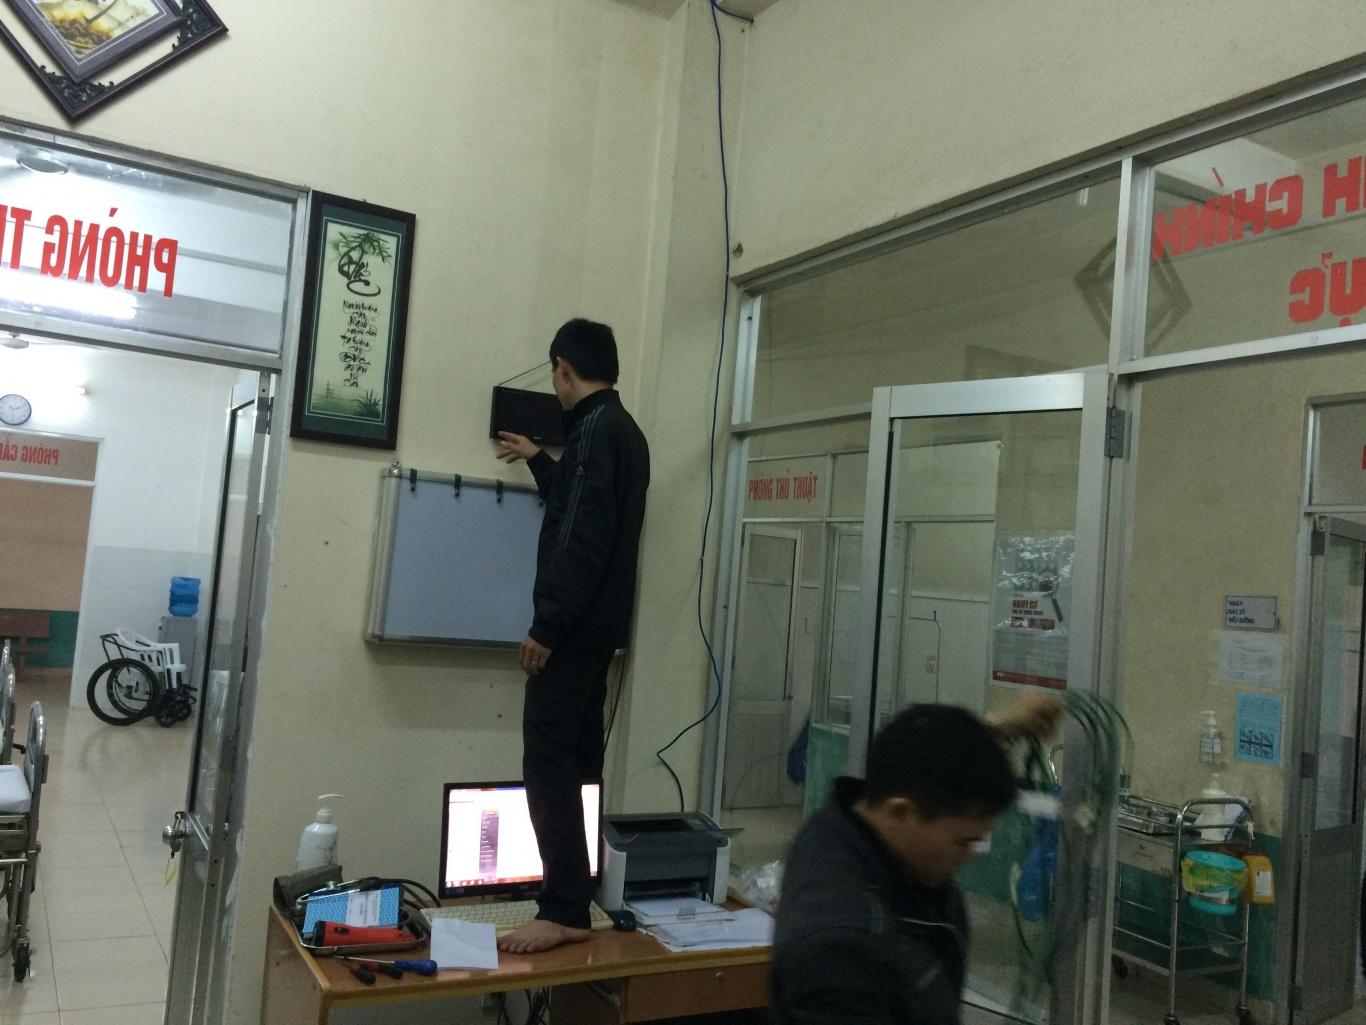 Dự án lắp đặt bảng hiển thị chuông gọi y tá SR-2003 cho trung tâm y tế quận Ngũ Hành Sơn Đà Nẵng